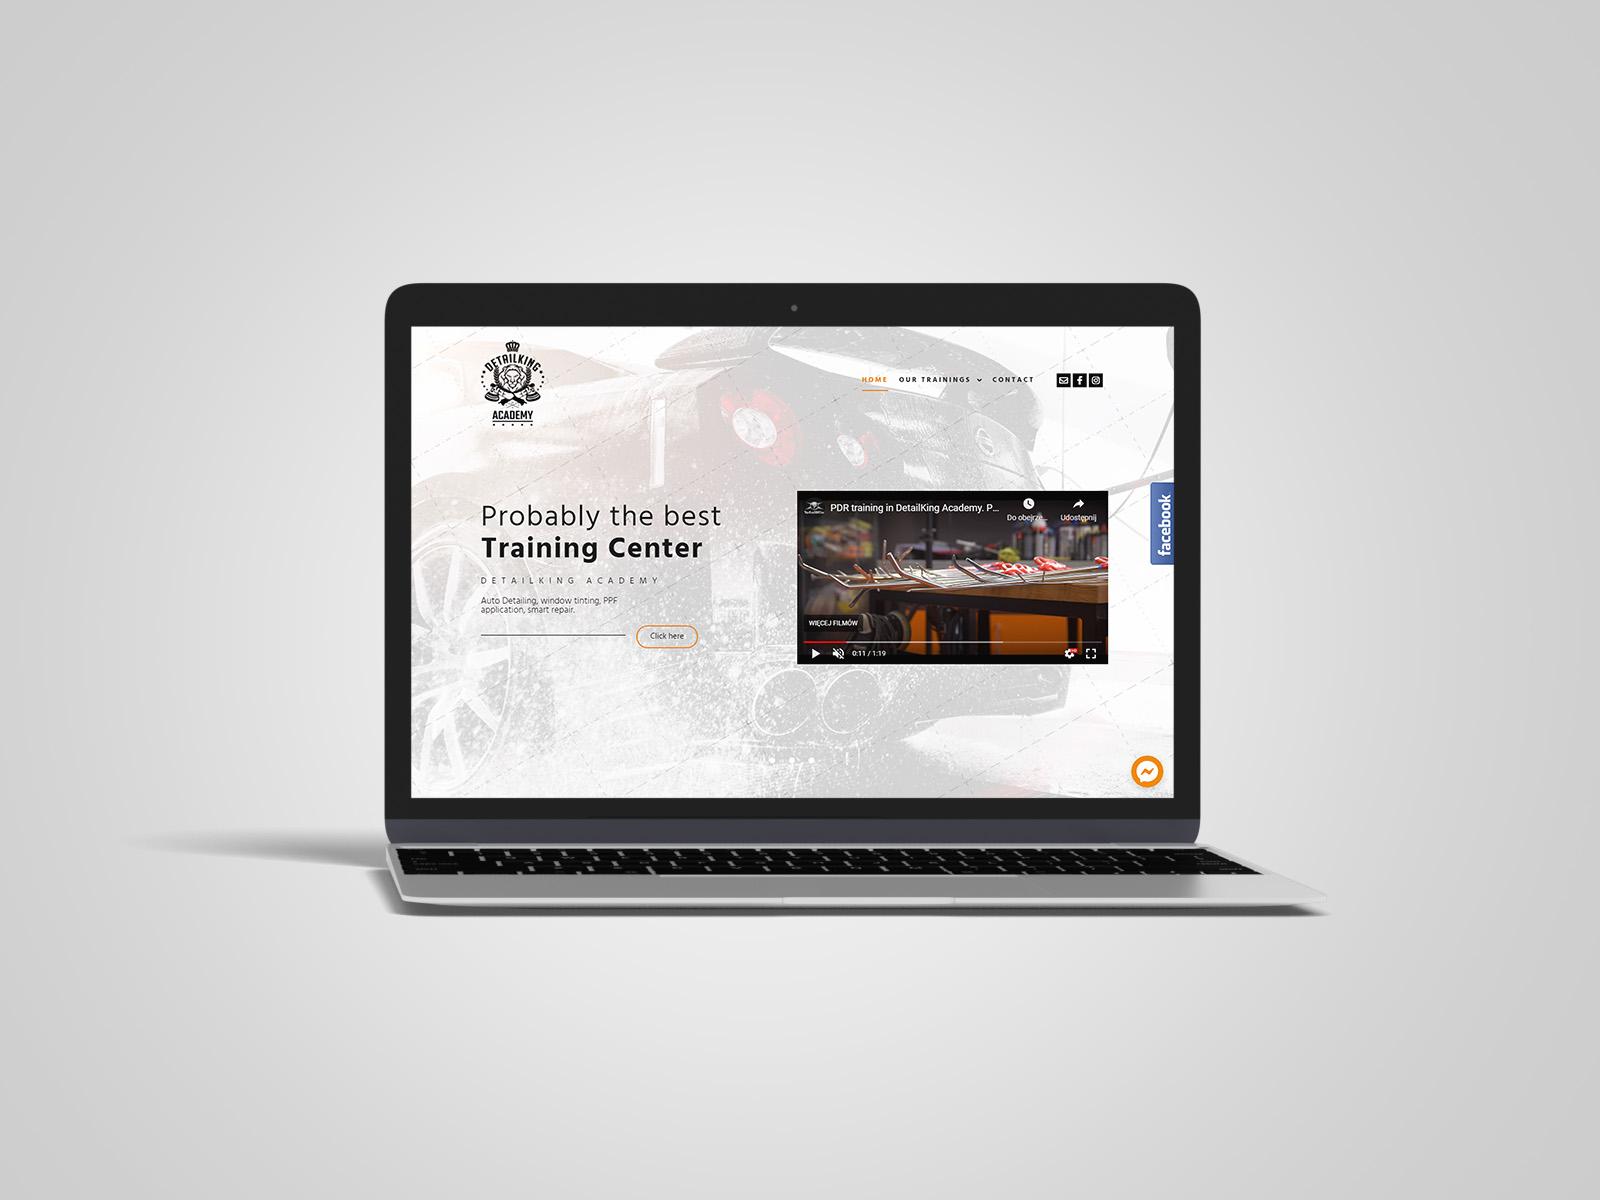 Laptop macbook, na którym wyświetlany jest projekt strony internetowej dla DetailKing Academy. Portfolio AK Brainding.